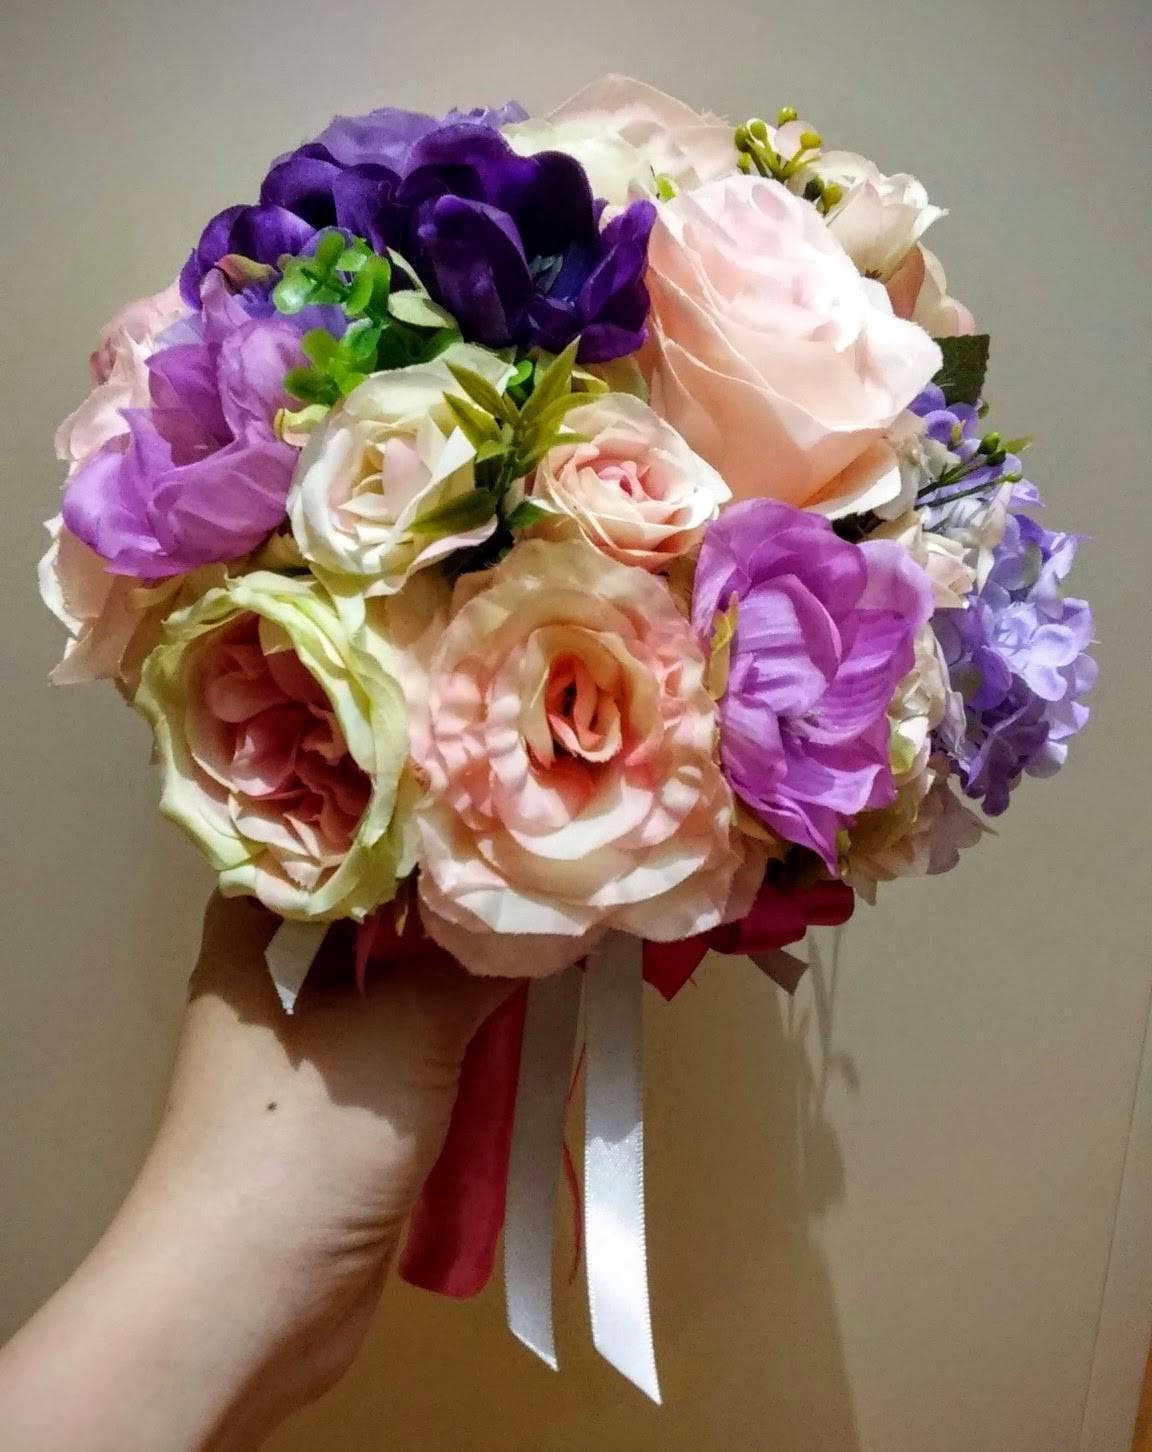 Bridal Bouquet Hk : Pinkish bridal bouquet elaine floral u